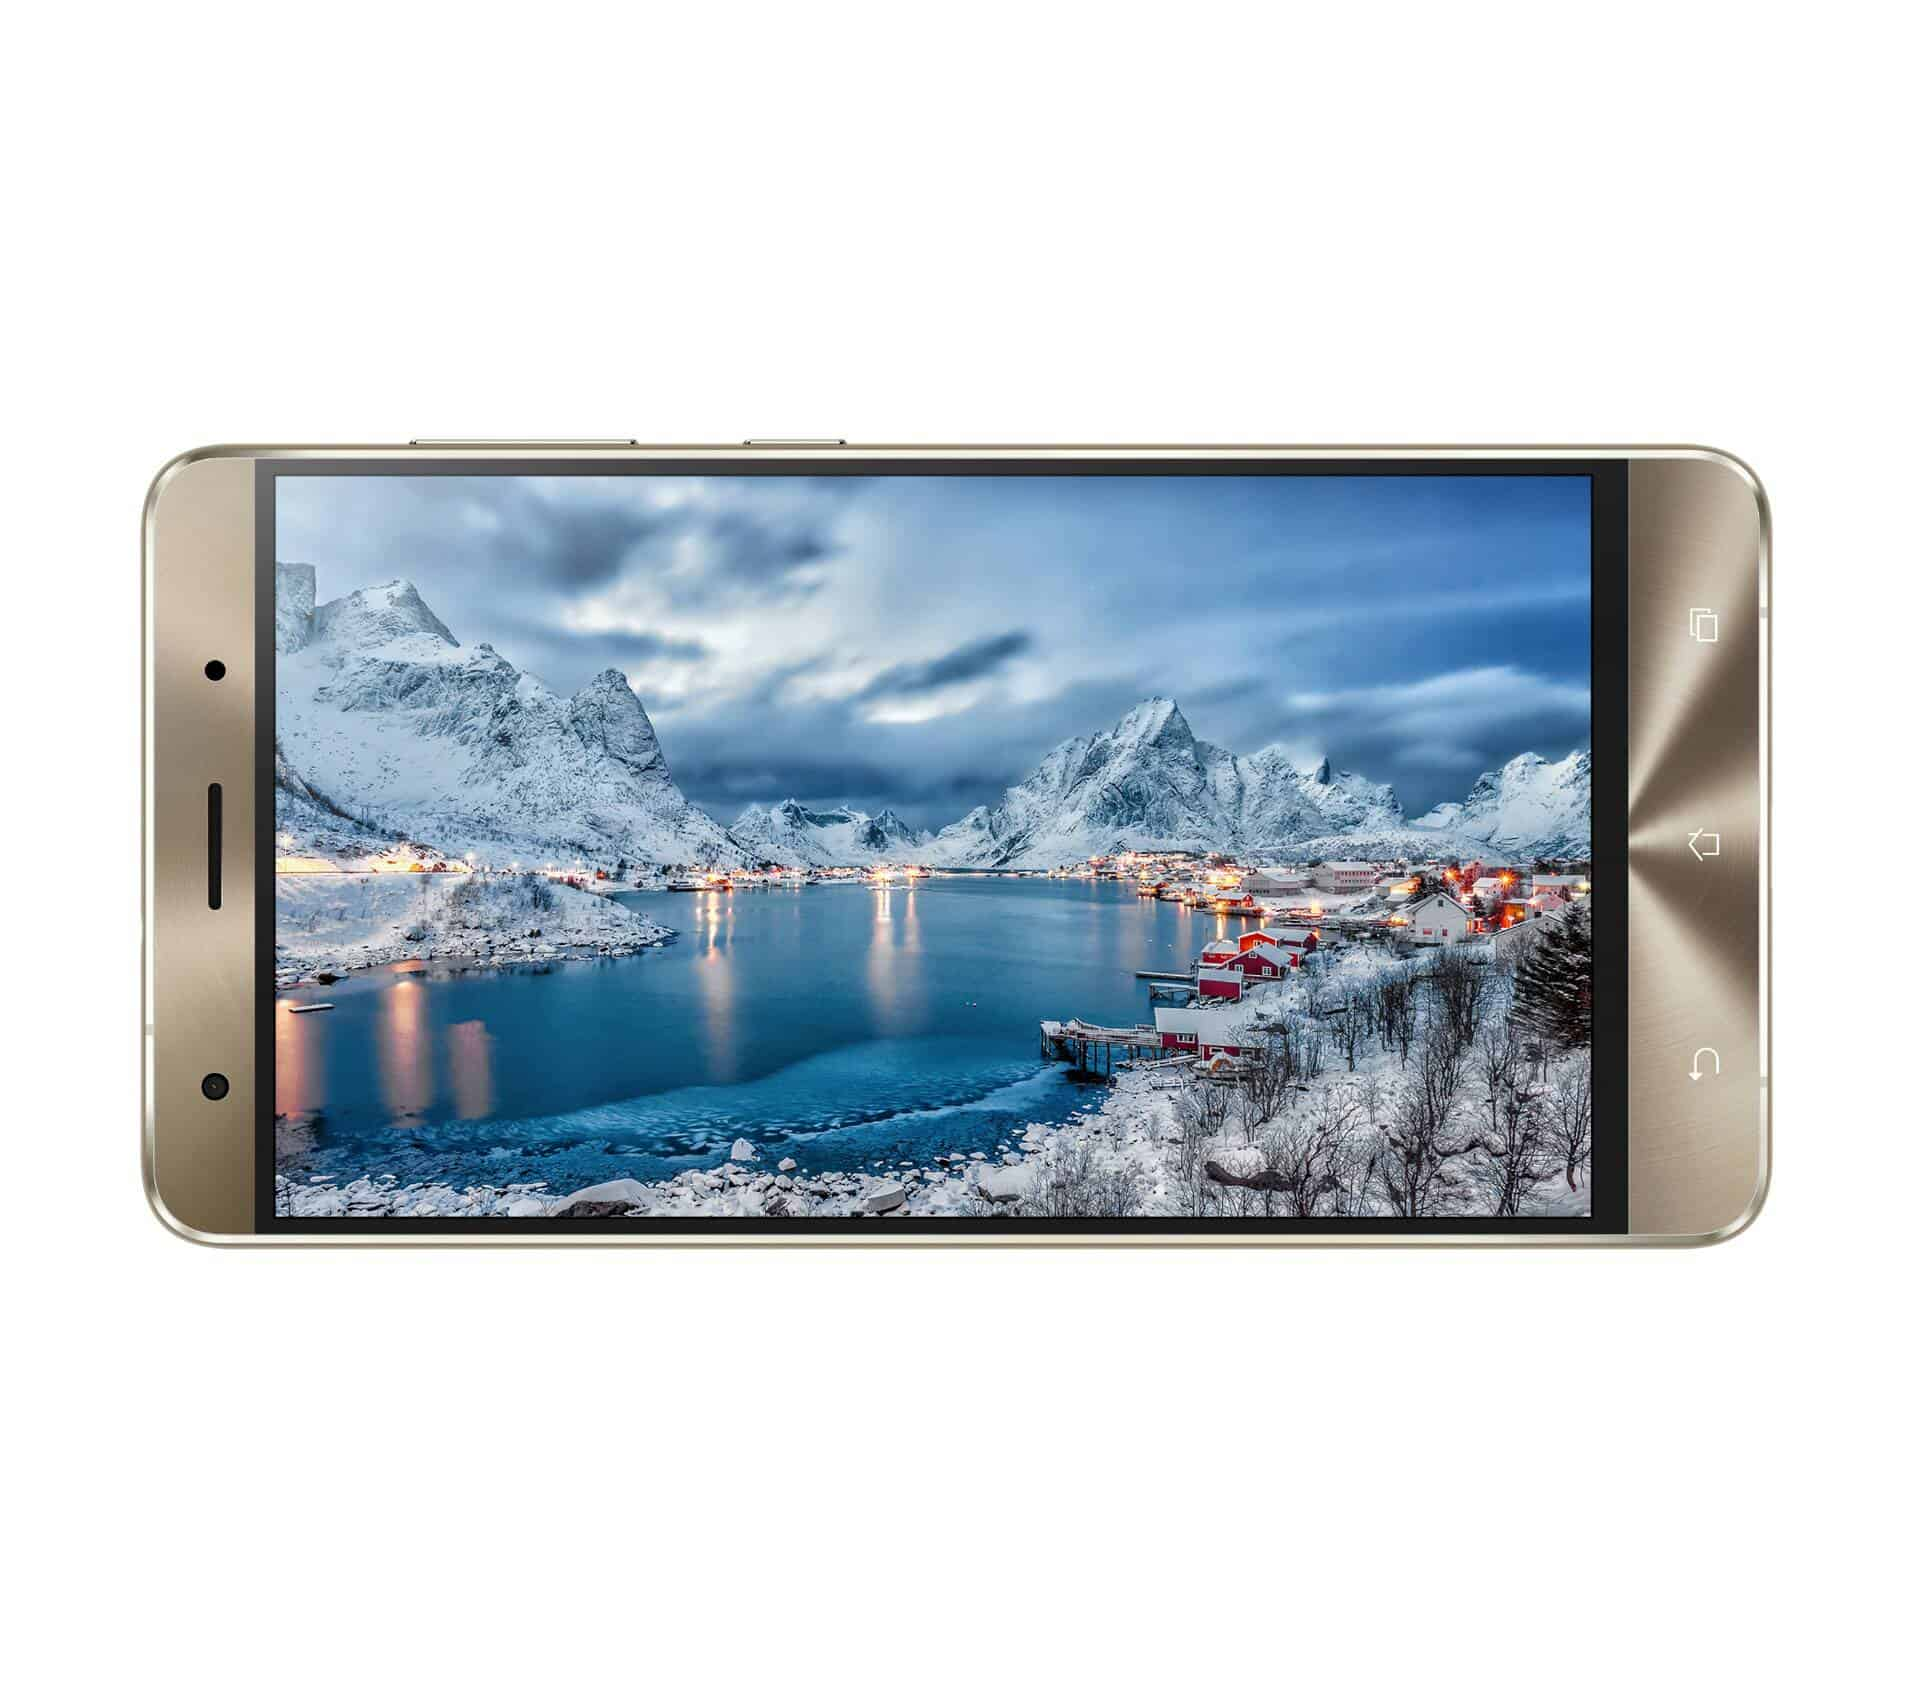 ASUS ZenFone 3 Deluxe 8